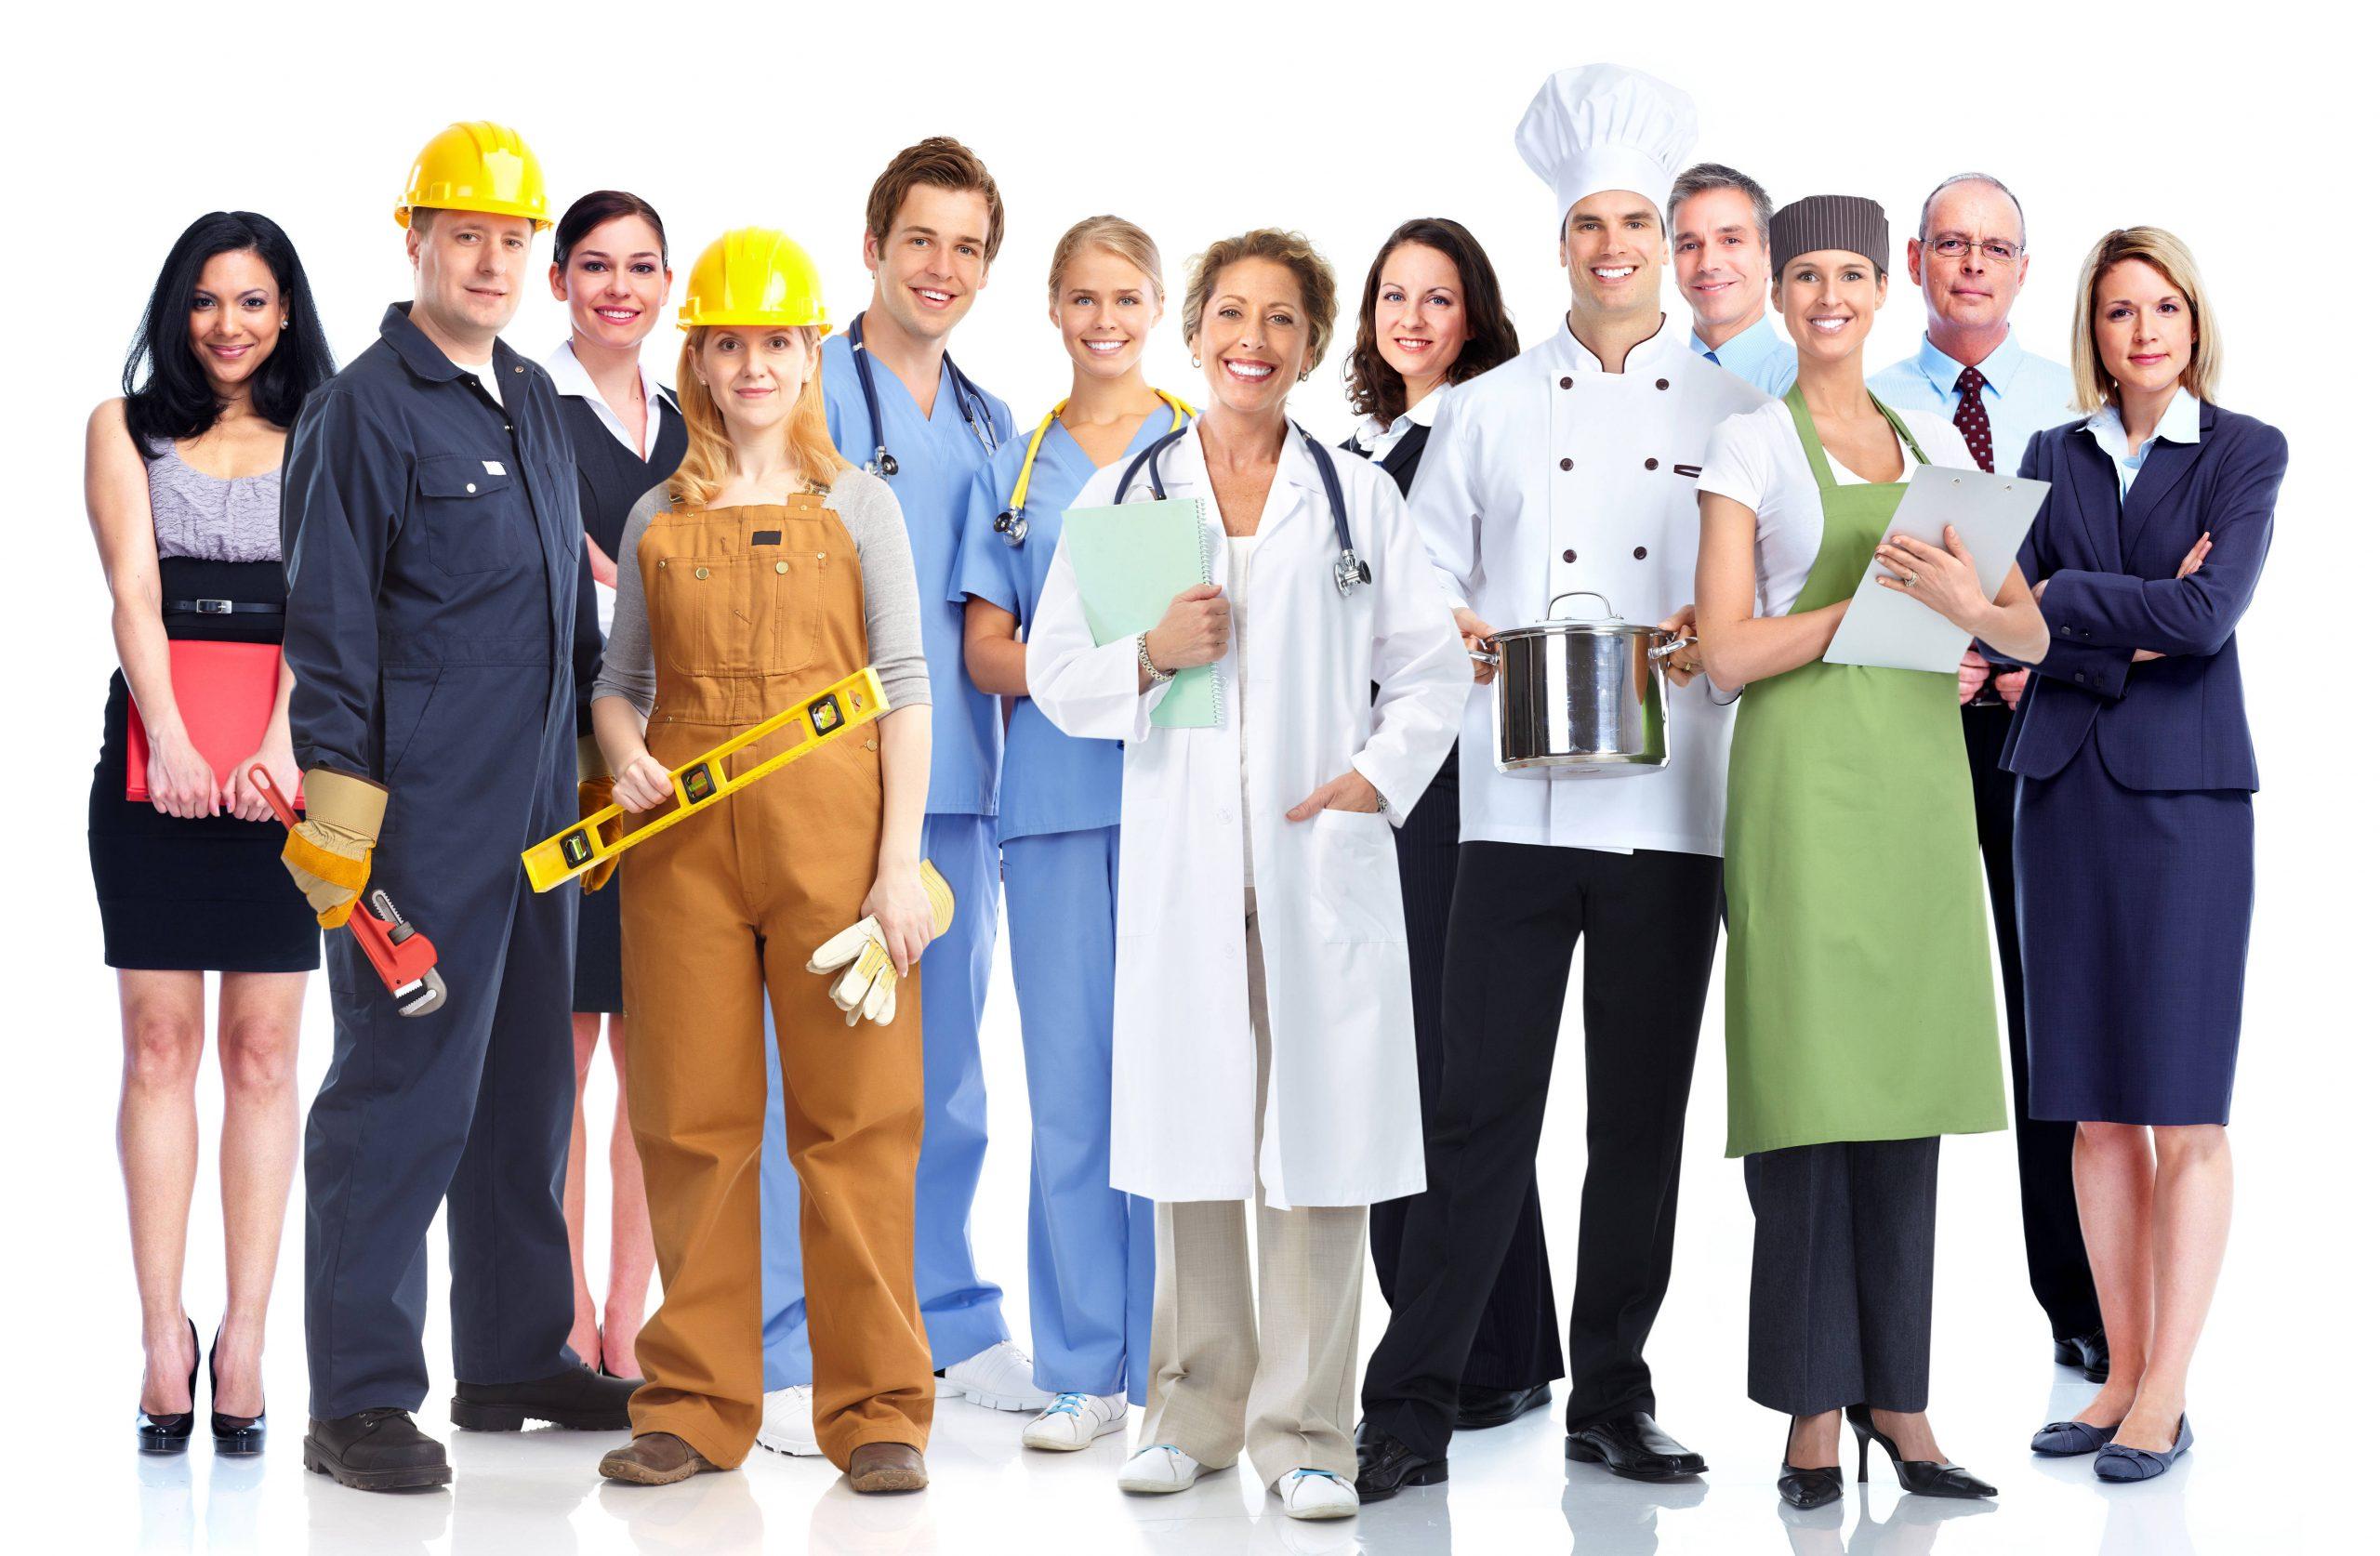 El uniforme de trabajo, un soporte publicitario que requiere de un mantenimiento continuo